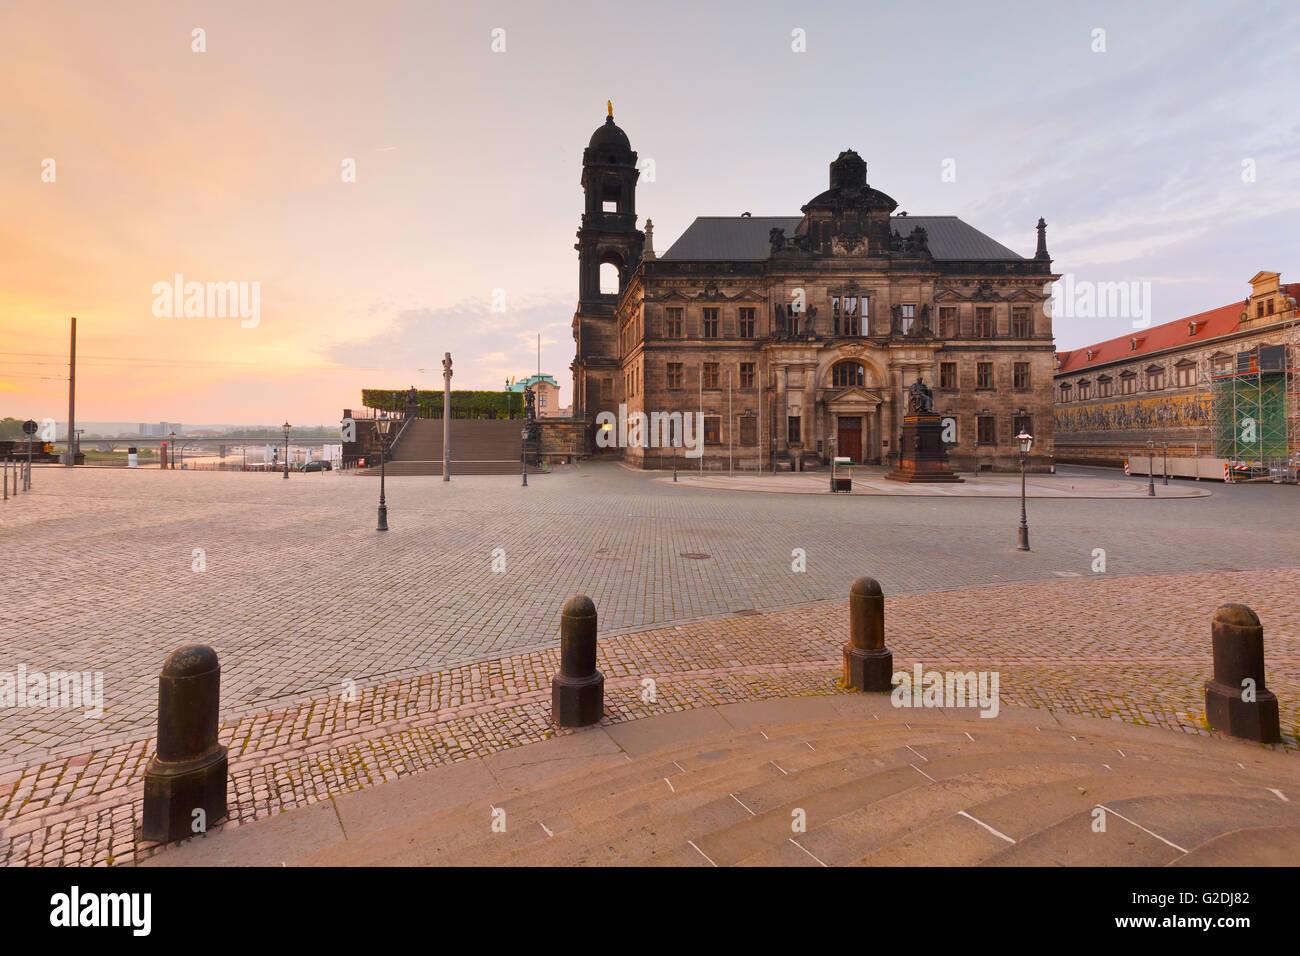 Vista del tribunal superior regional en el casco antiguo de Dresden, Alemania. Imagen De Stock